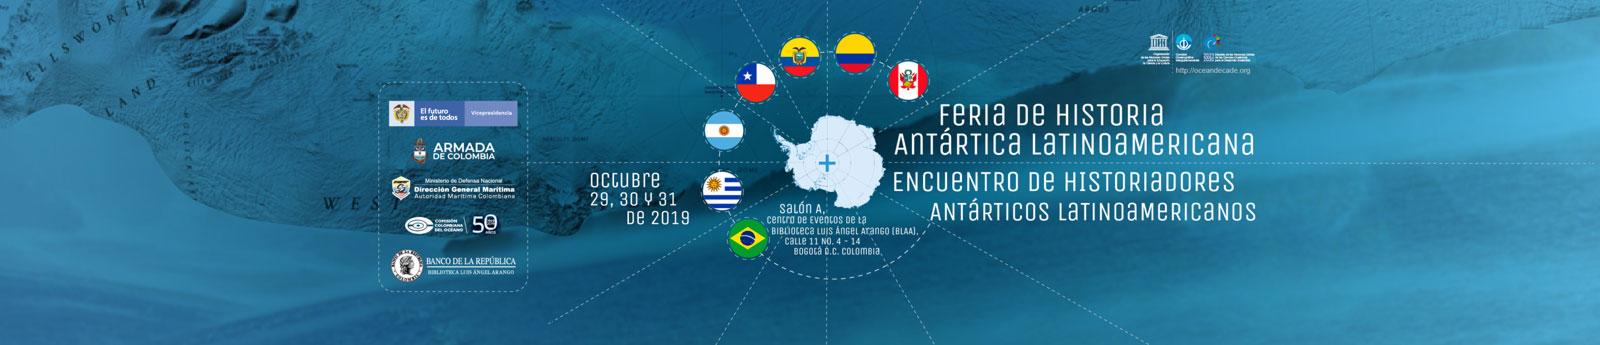 Colombia será la sede del I Feria de Historia Antártica Latinoamericana